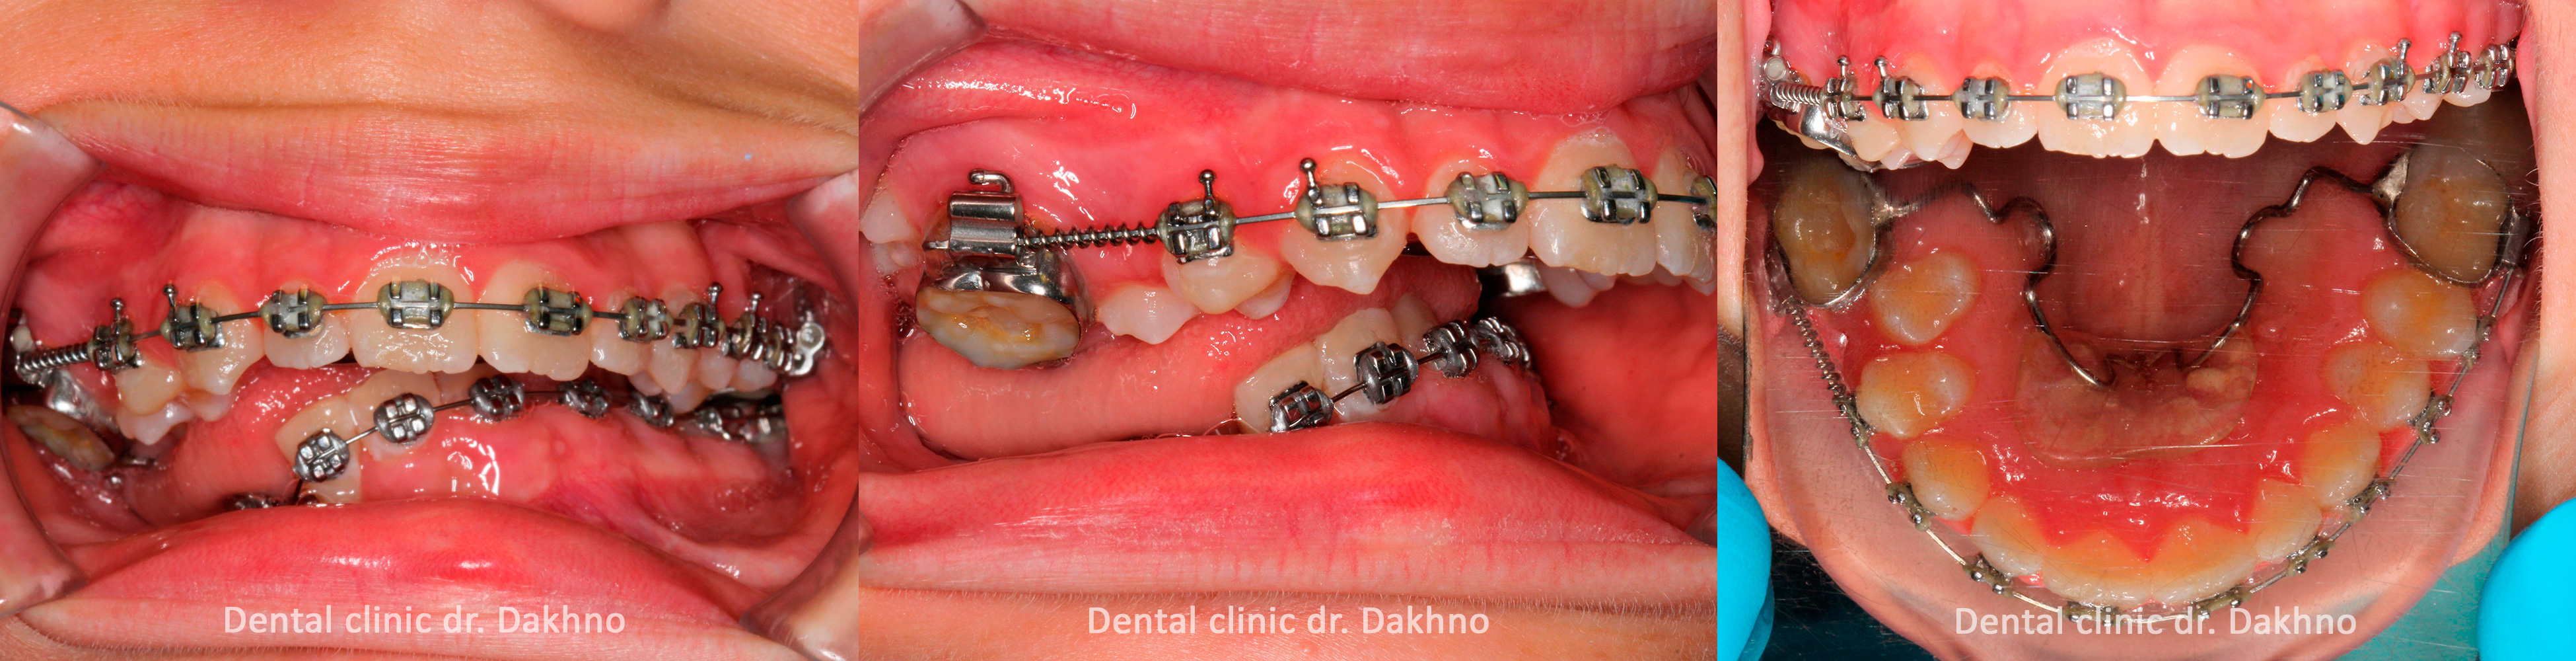 установка брекет-системы, стоматологическая клиника доктора Дахно